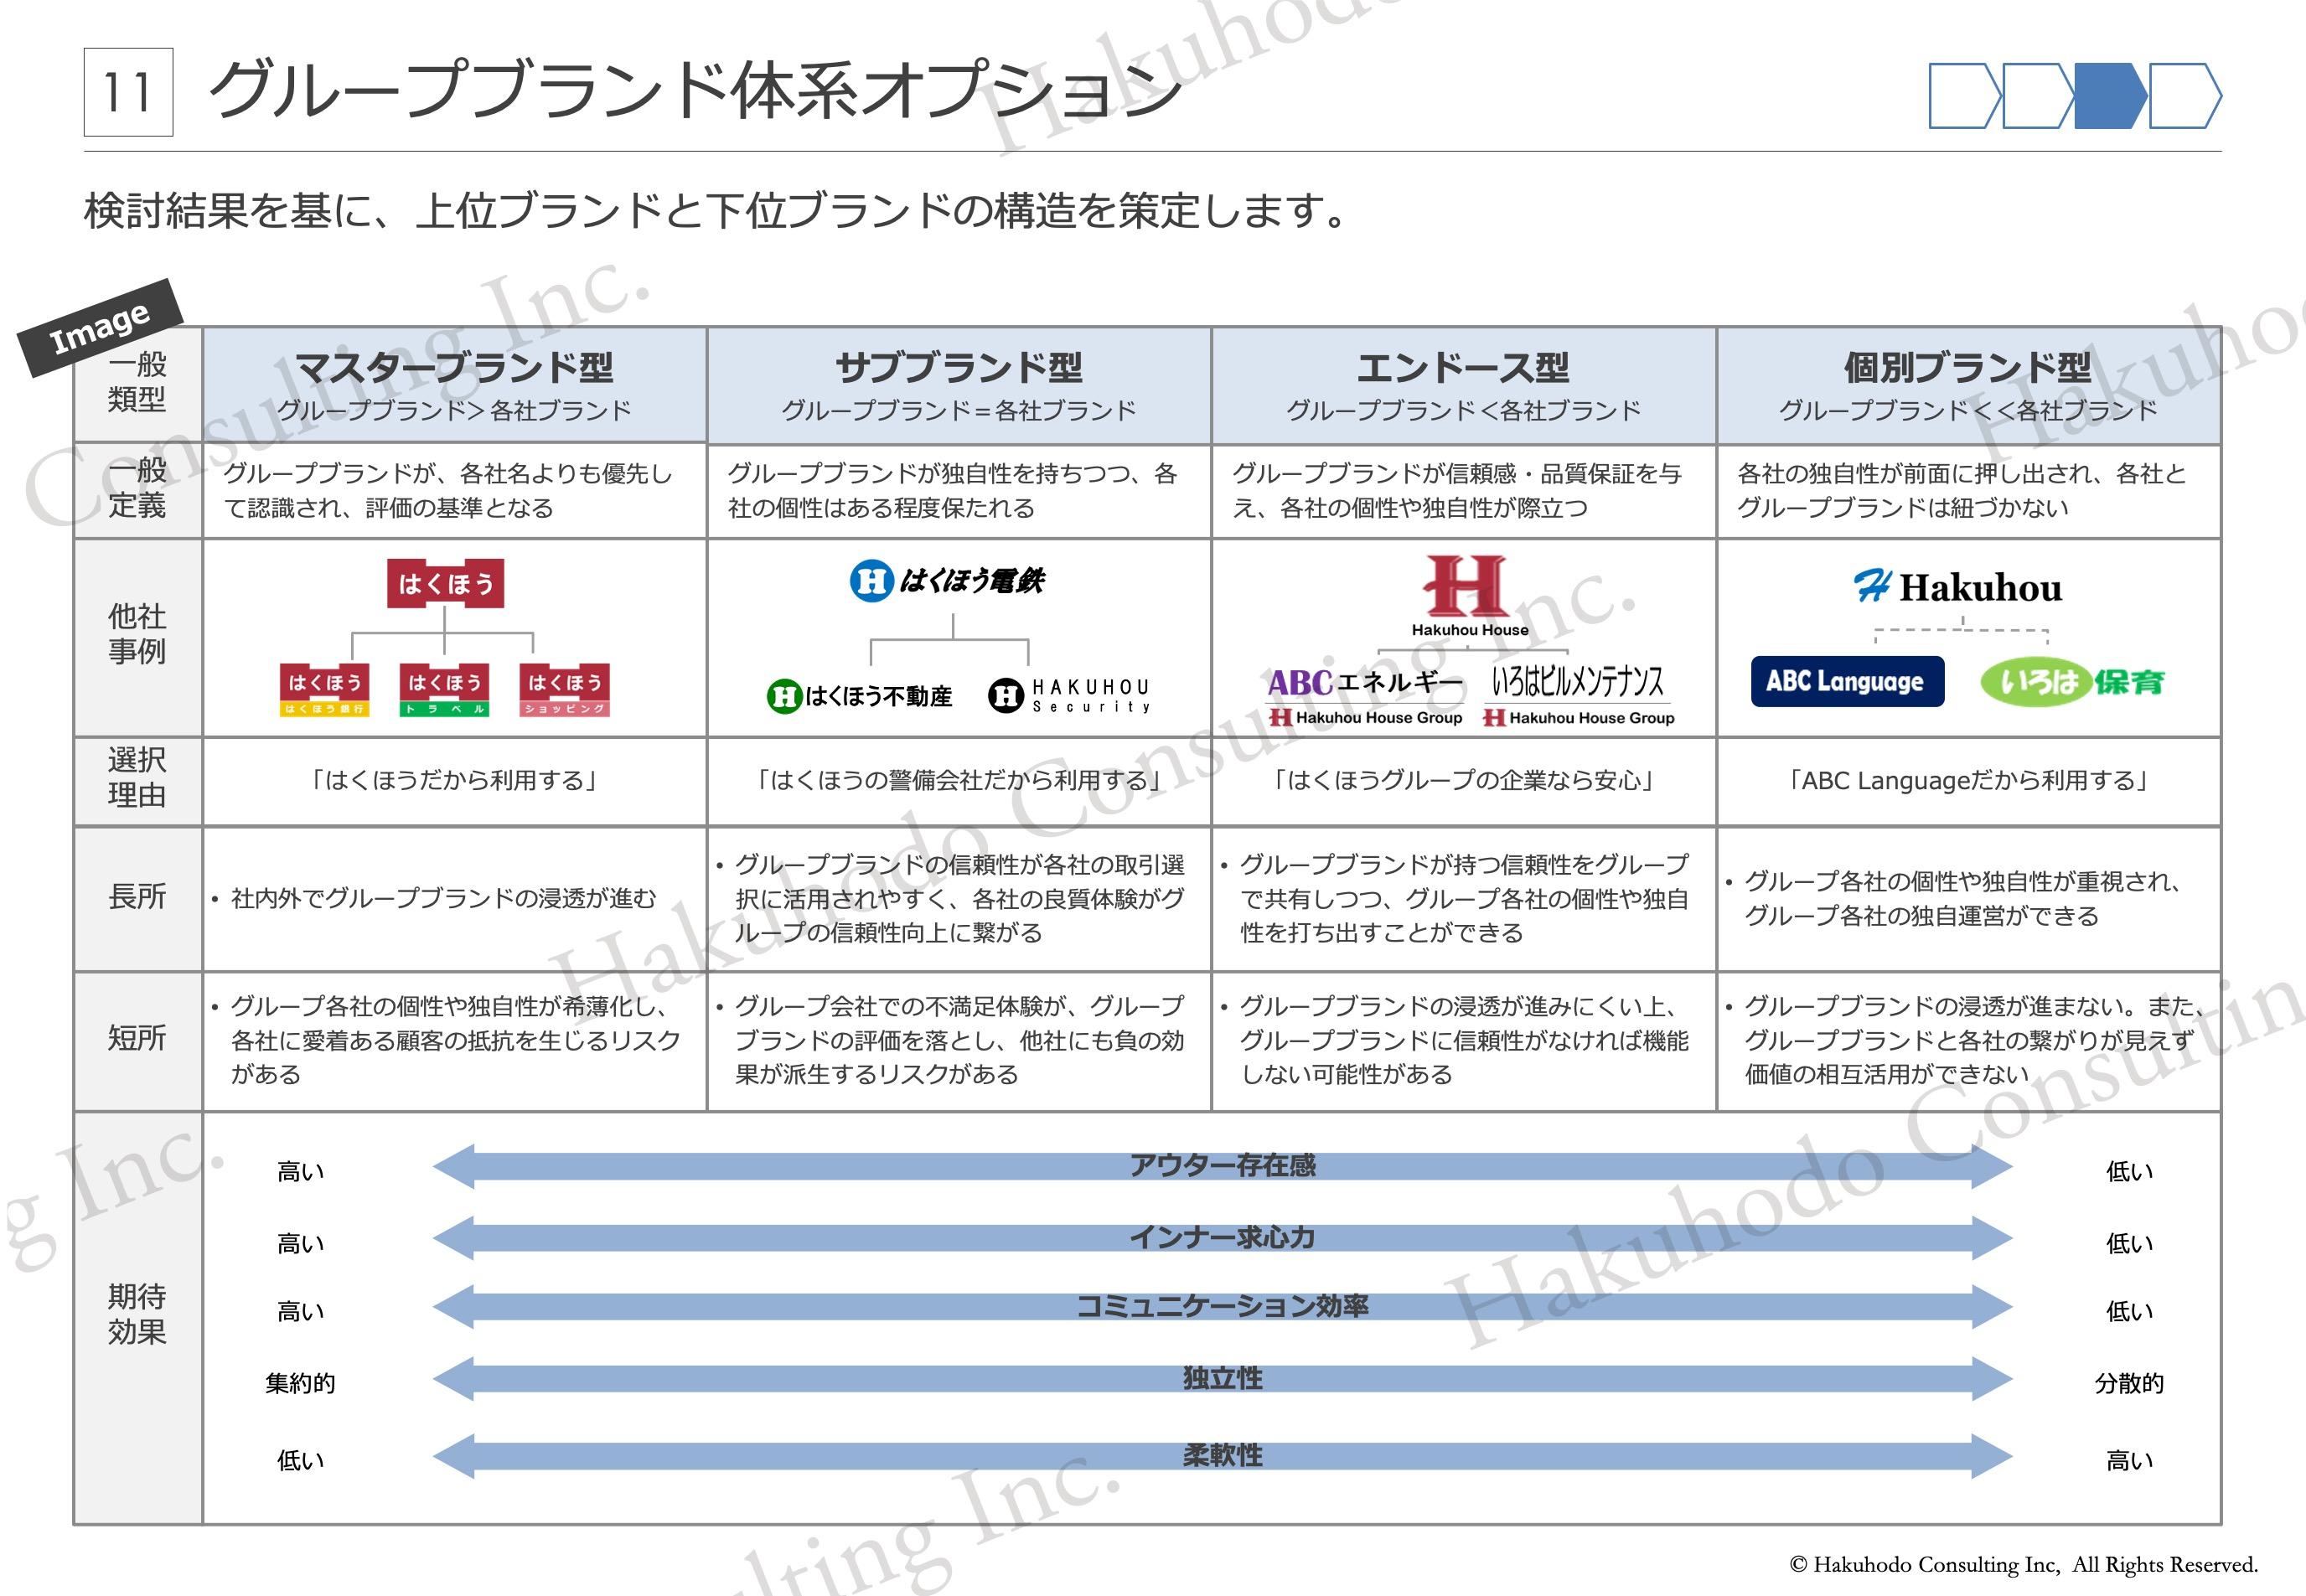 グループブランド体系オプション 検討結果を基に、上位ブランドと下位ブランドの構造を策定します。